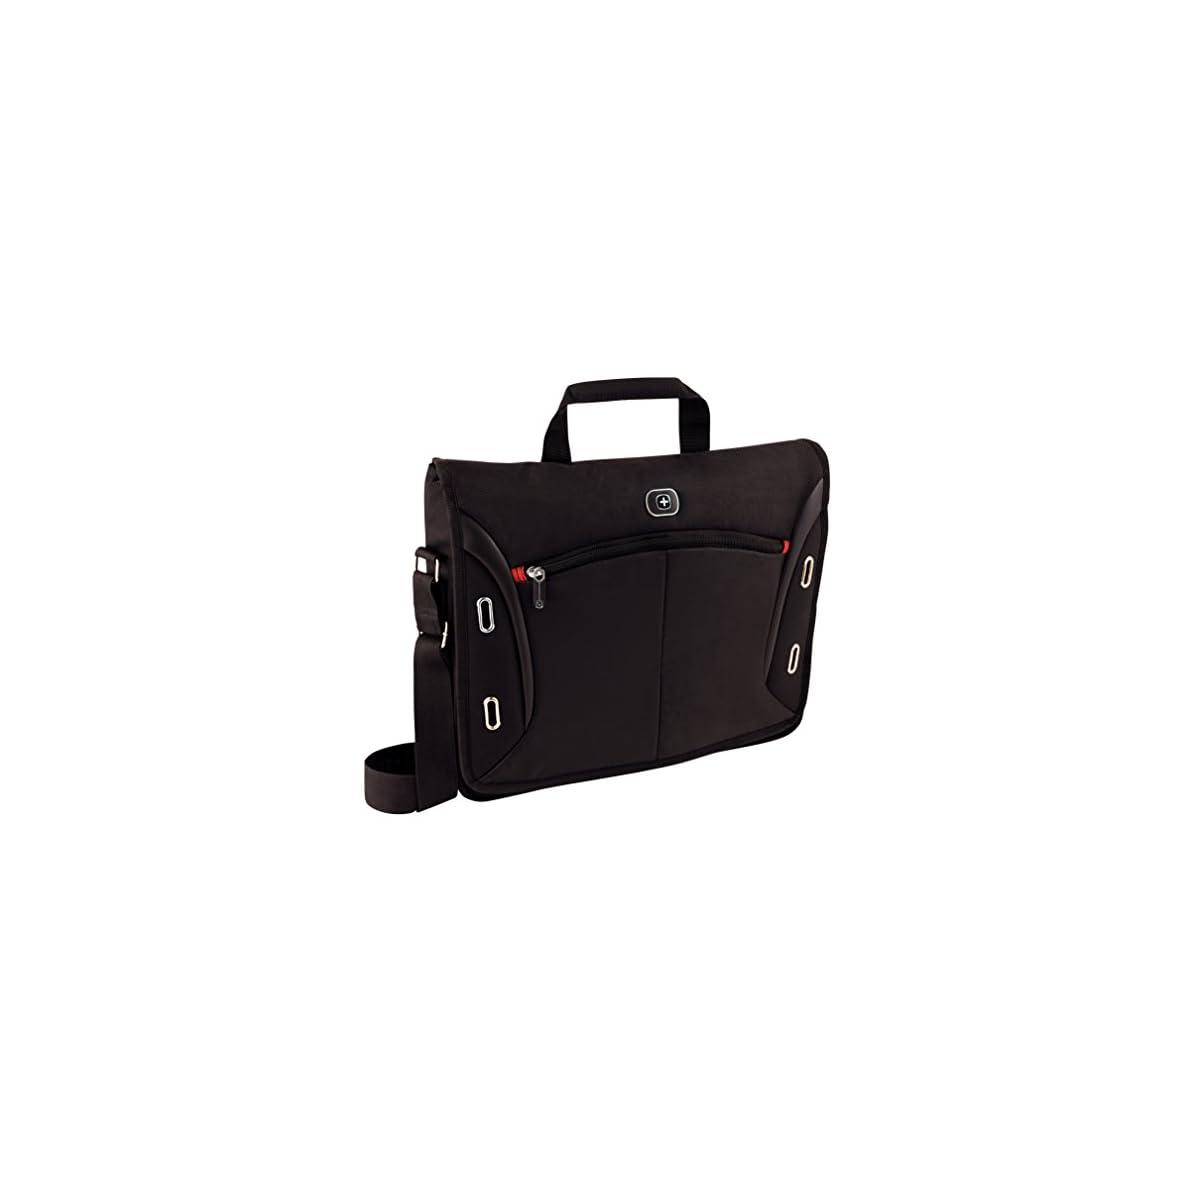 """41ygTrkFulL. SS1200  - Wenger 600665 Developer - Mochila con Compartimento Acolchado para portátiles (15.4"""") Color Negro"""